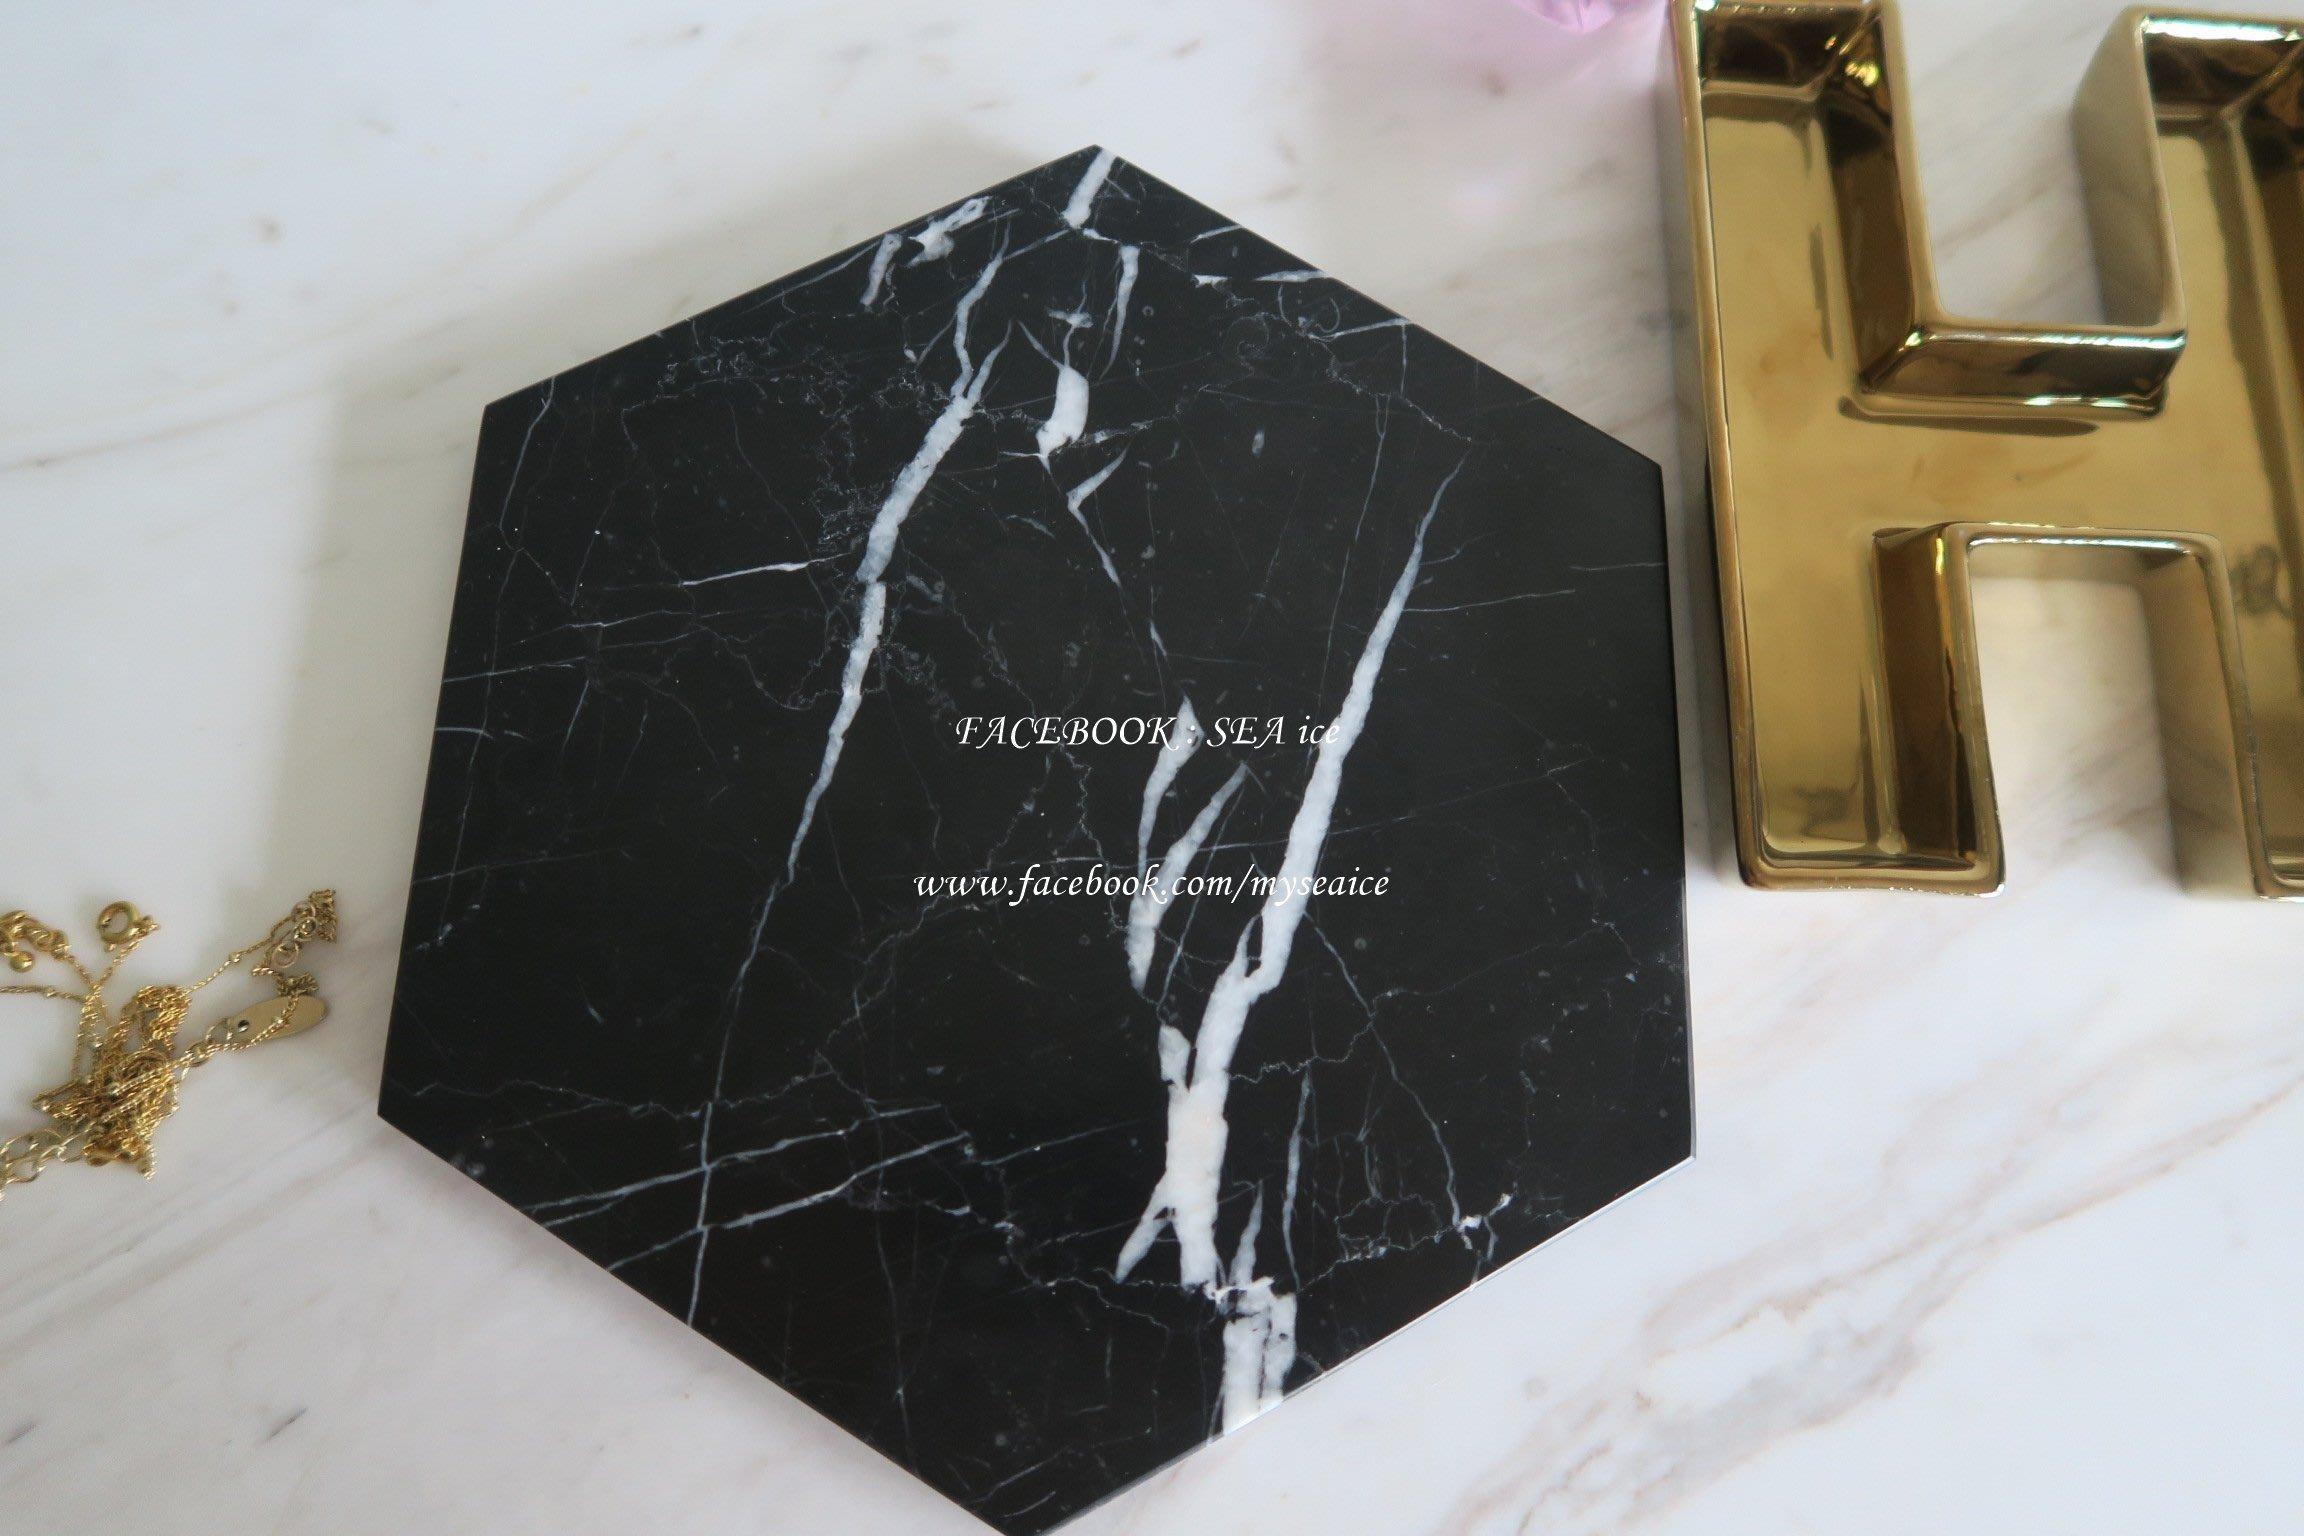 黑白根黑色閃電大理石一抹居家的質感*歐美風 法式歐洲優雅櫥窗擺飾*ins大推*杯墊飾品盤 小裝飾盤  六角形大20cm